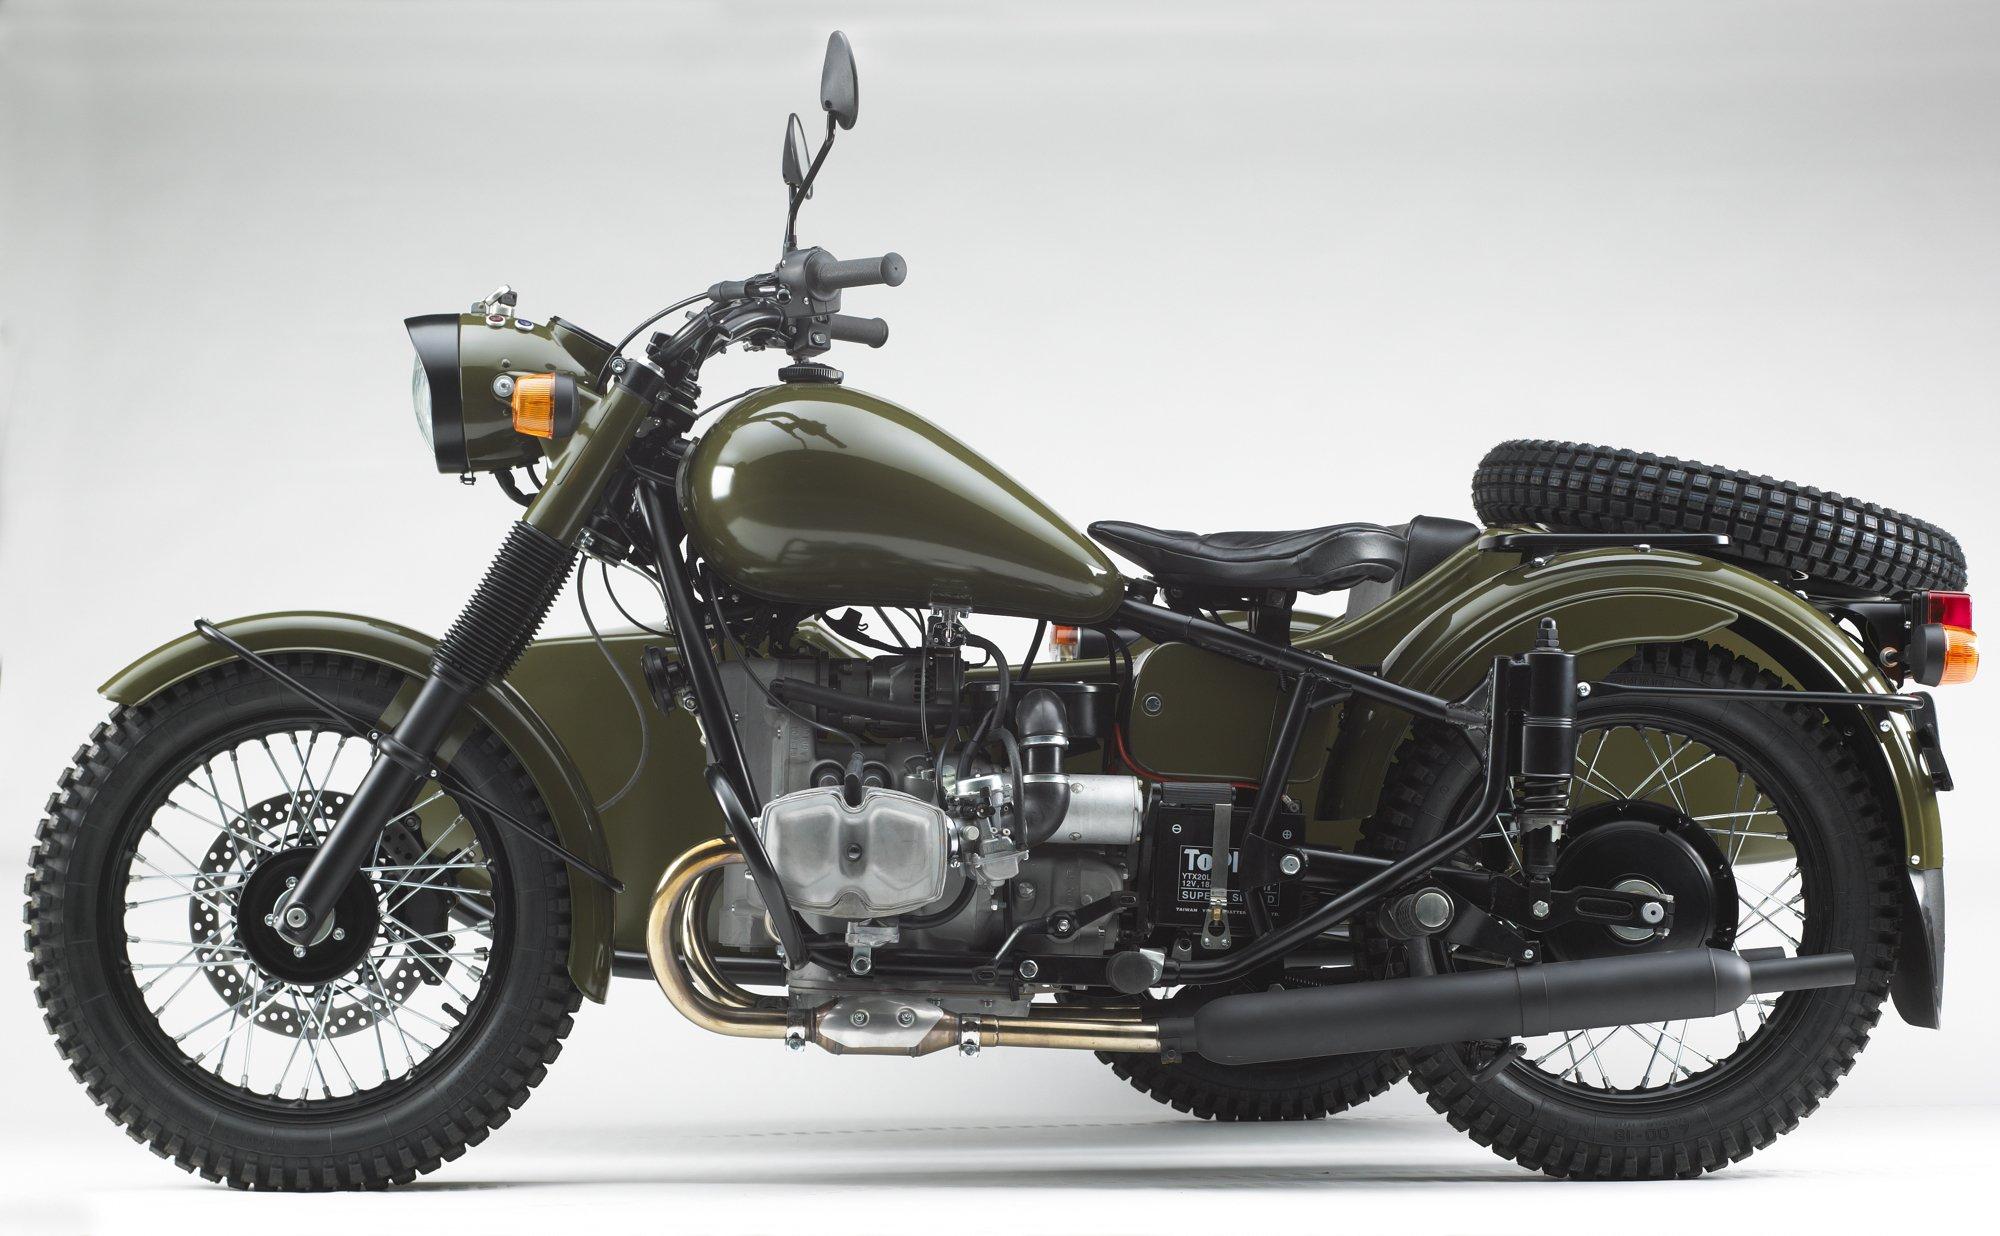 ural retro sidecar motorcycle ural free engine image for user manual download. Black Bedroom Furniture Sets. Home Design Ideas